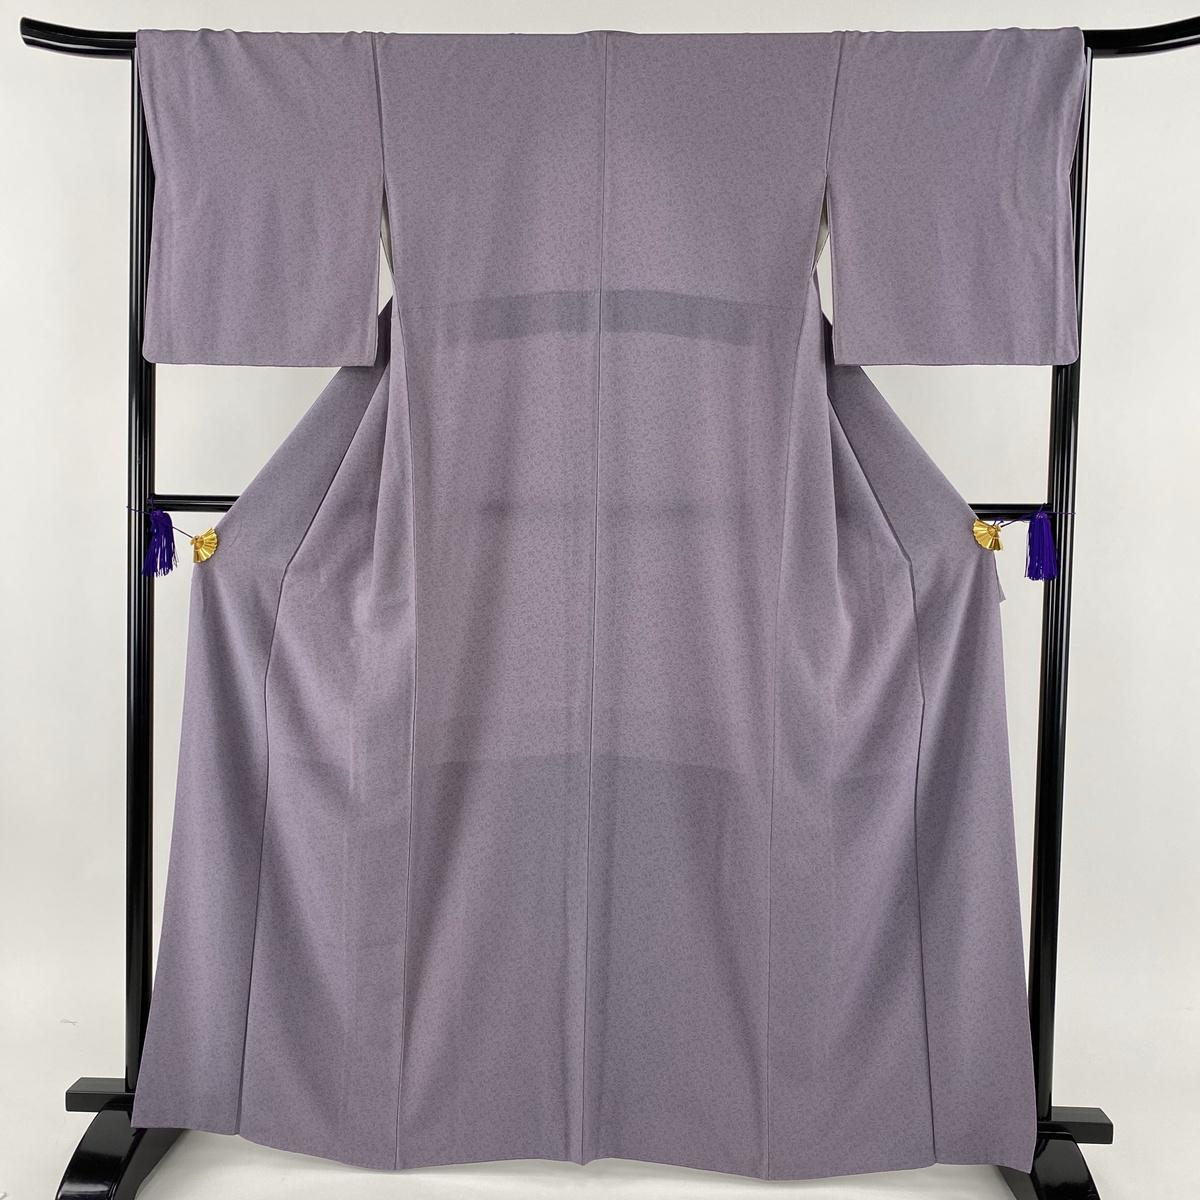 江戸小紋 美品 秀品 笹蔓 薄紫 袷 身丈165cm 裄丈67cm M 正絹 【中古】